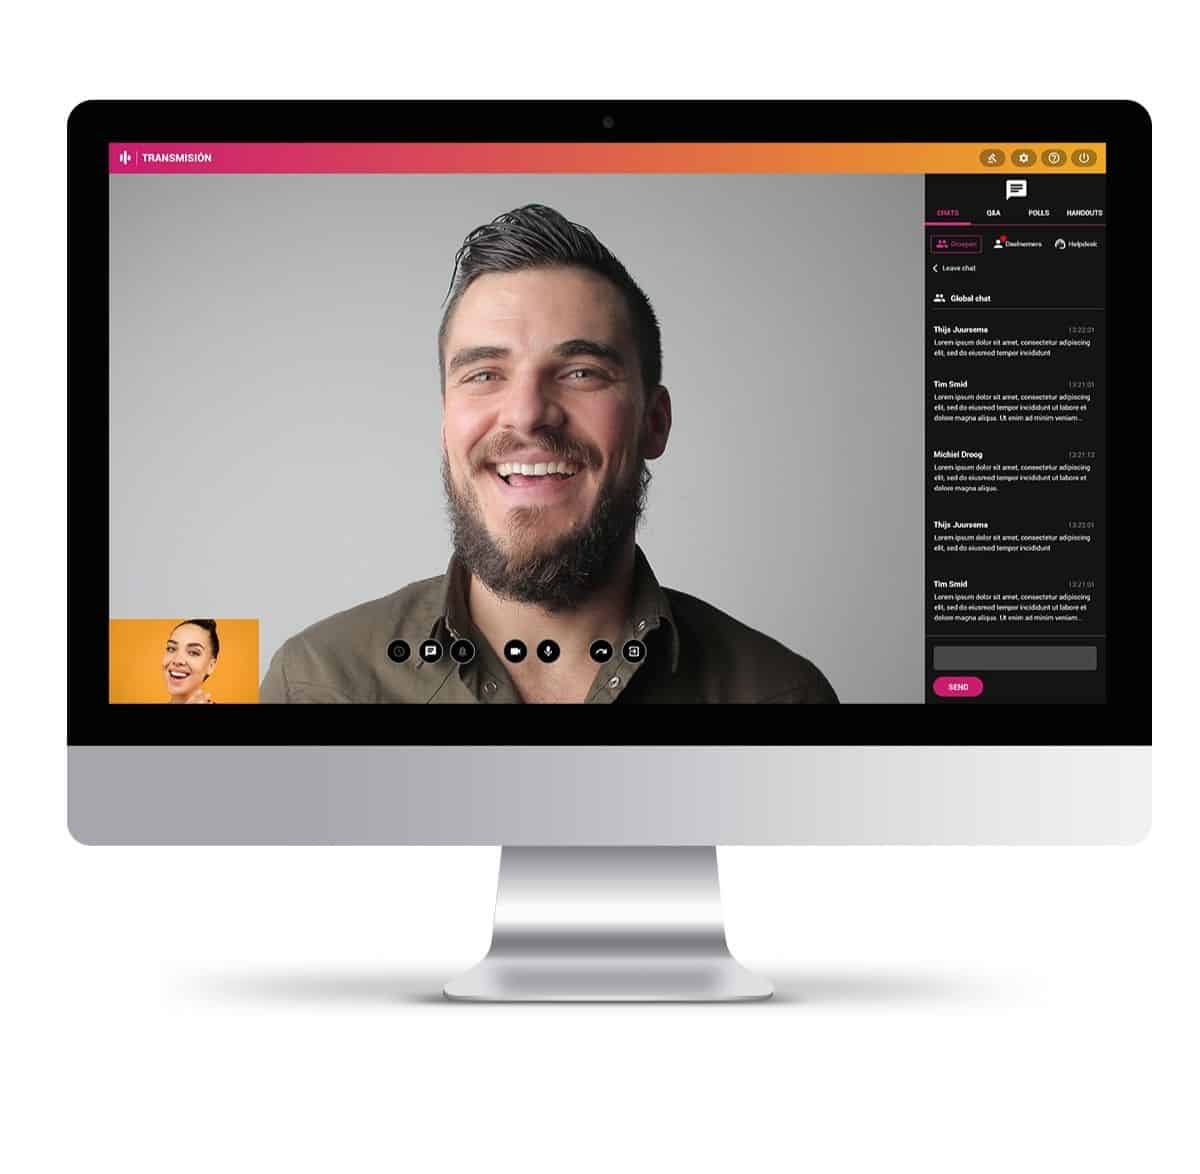 Online evenement organiseren webinar met meerdere deelnemers en een chatbalk voor interactie